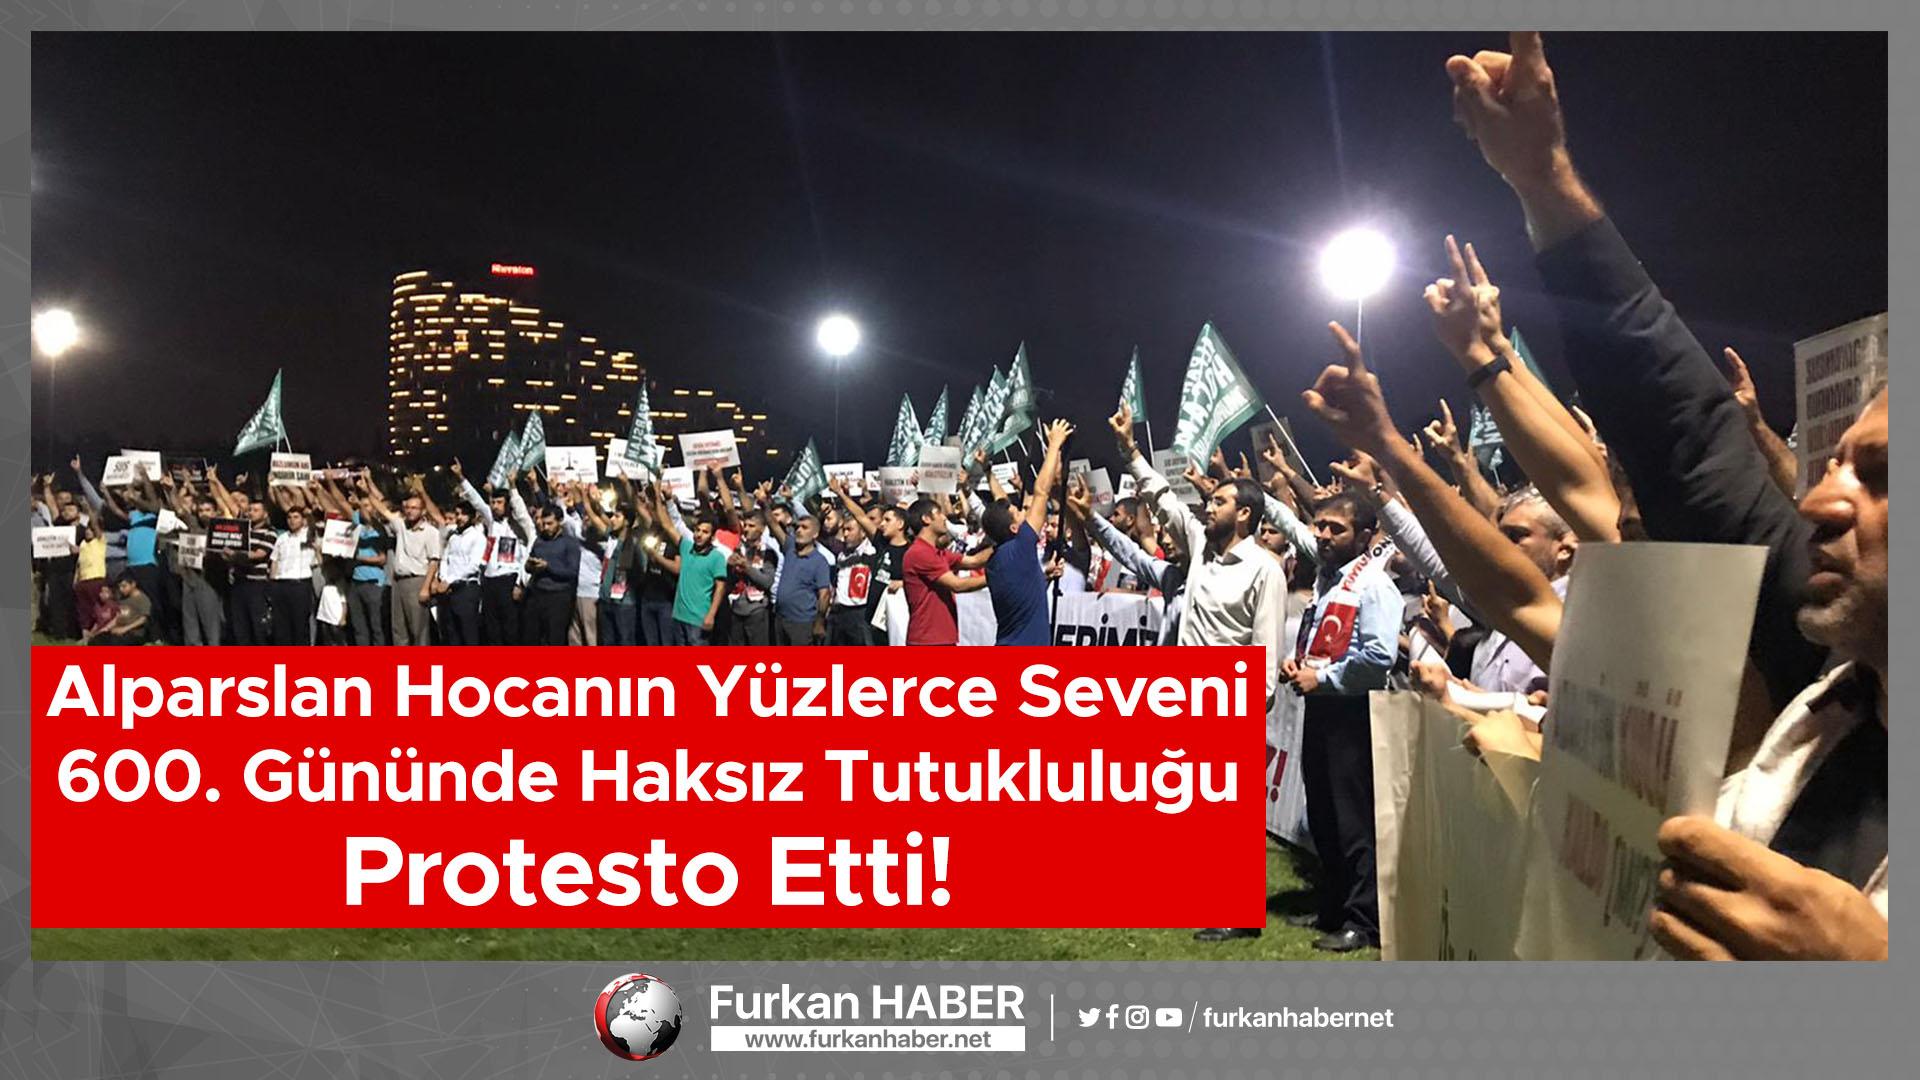 Alparslan Hocanın Yüzlerce Seveni 600. Gününde Haksız Tutukluluğu Protesto Etti